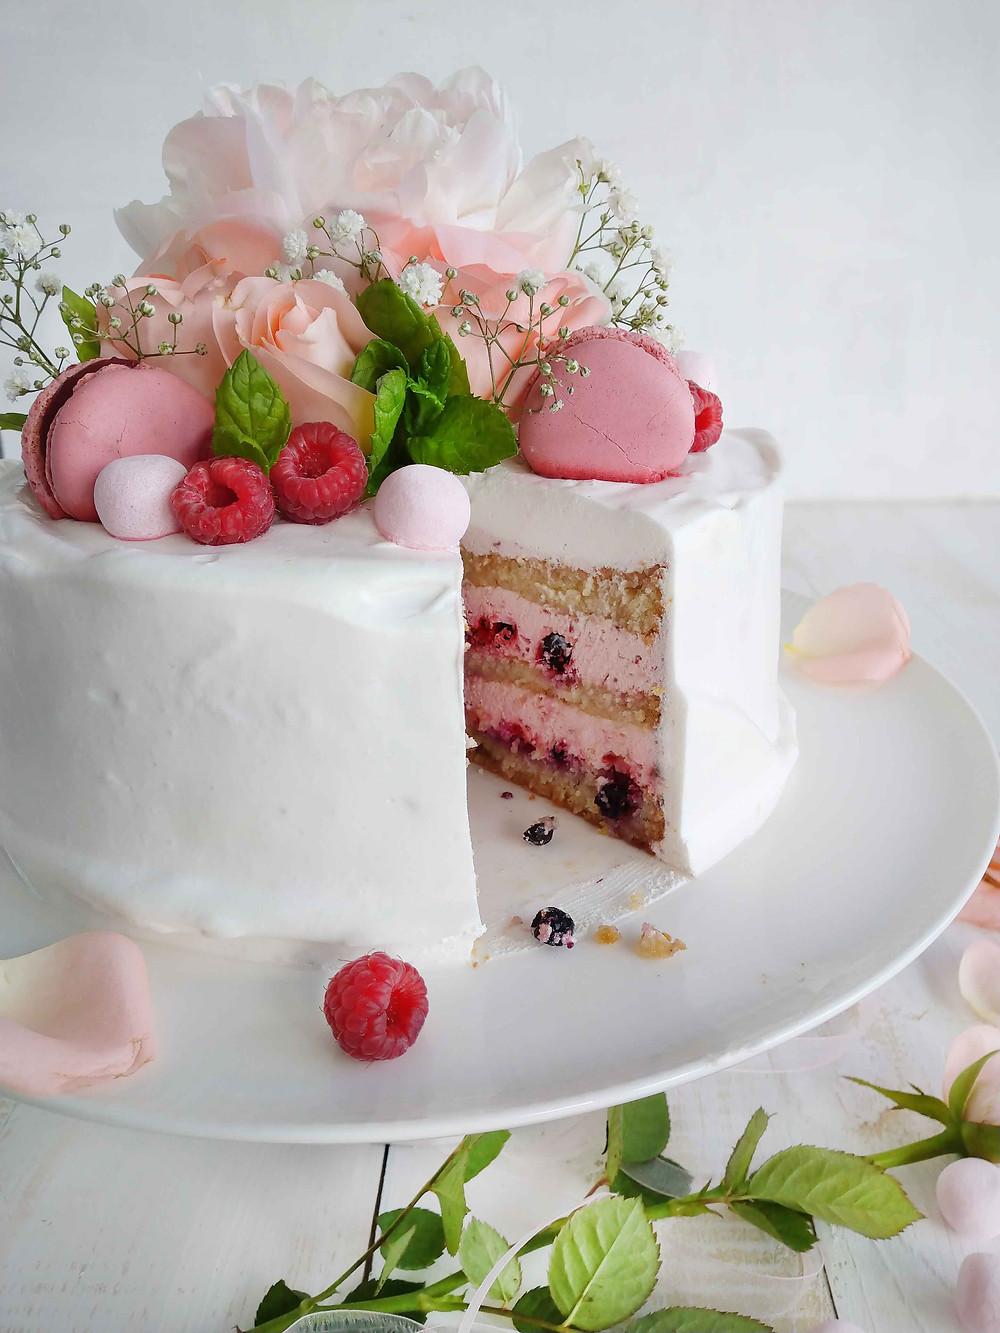 Täytekakun riittoisuus riippuu paljolti täytteen ja kuorrutteen määrästä. Mitä tuhdimpi täyte, sitä useammalle syöjälle riittää kakkua. Täytekakun täyte. Vadelmamoussetäyte kakkuun.